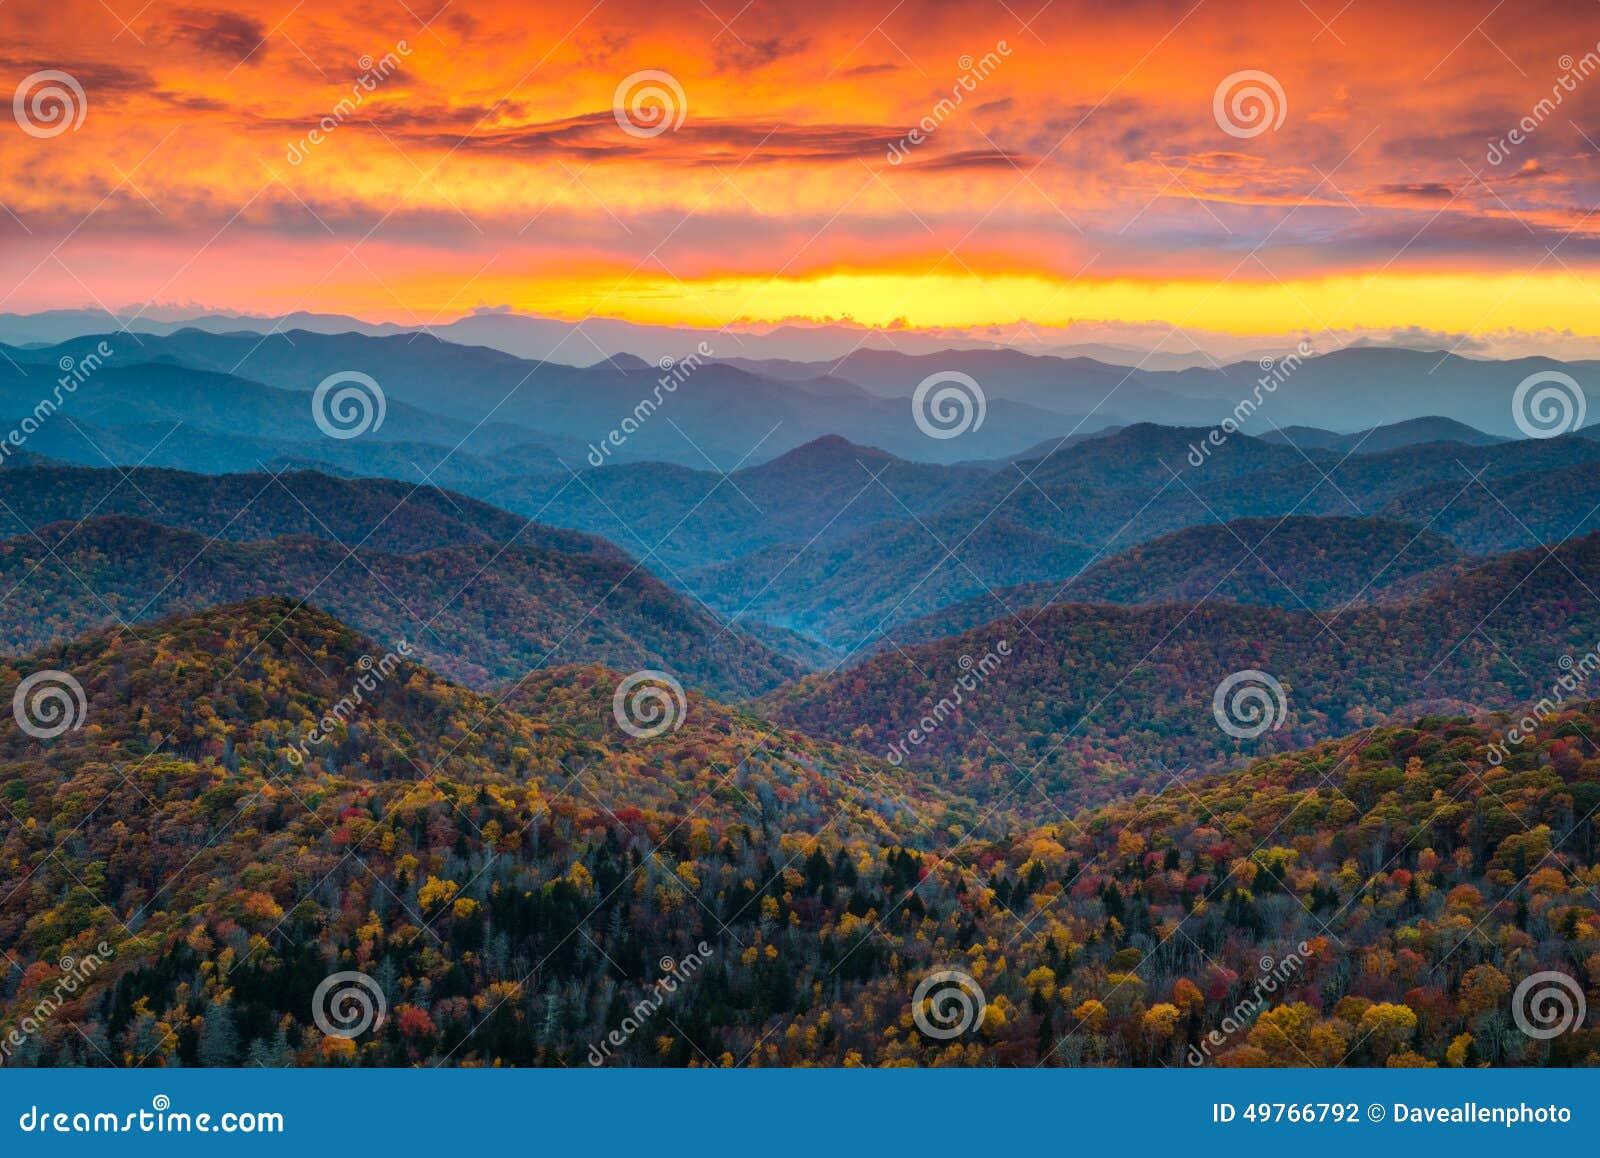 De Zonsondergang Toneellandsc van het noordencarolina blue ridge parkway mountains